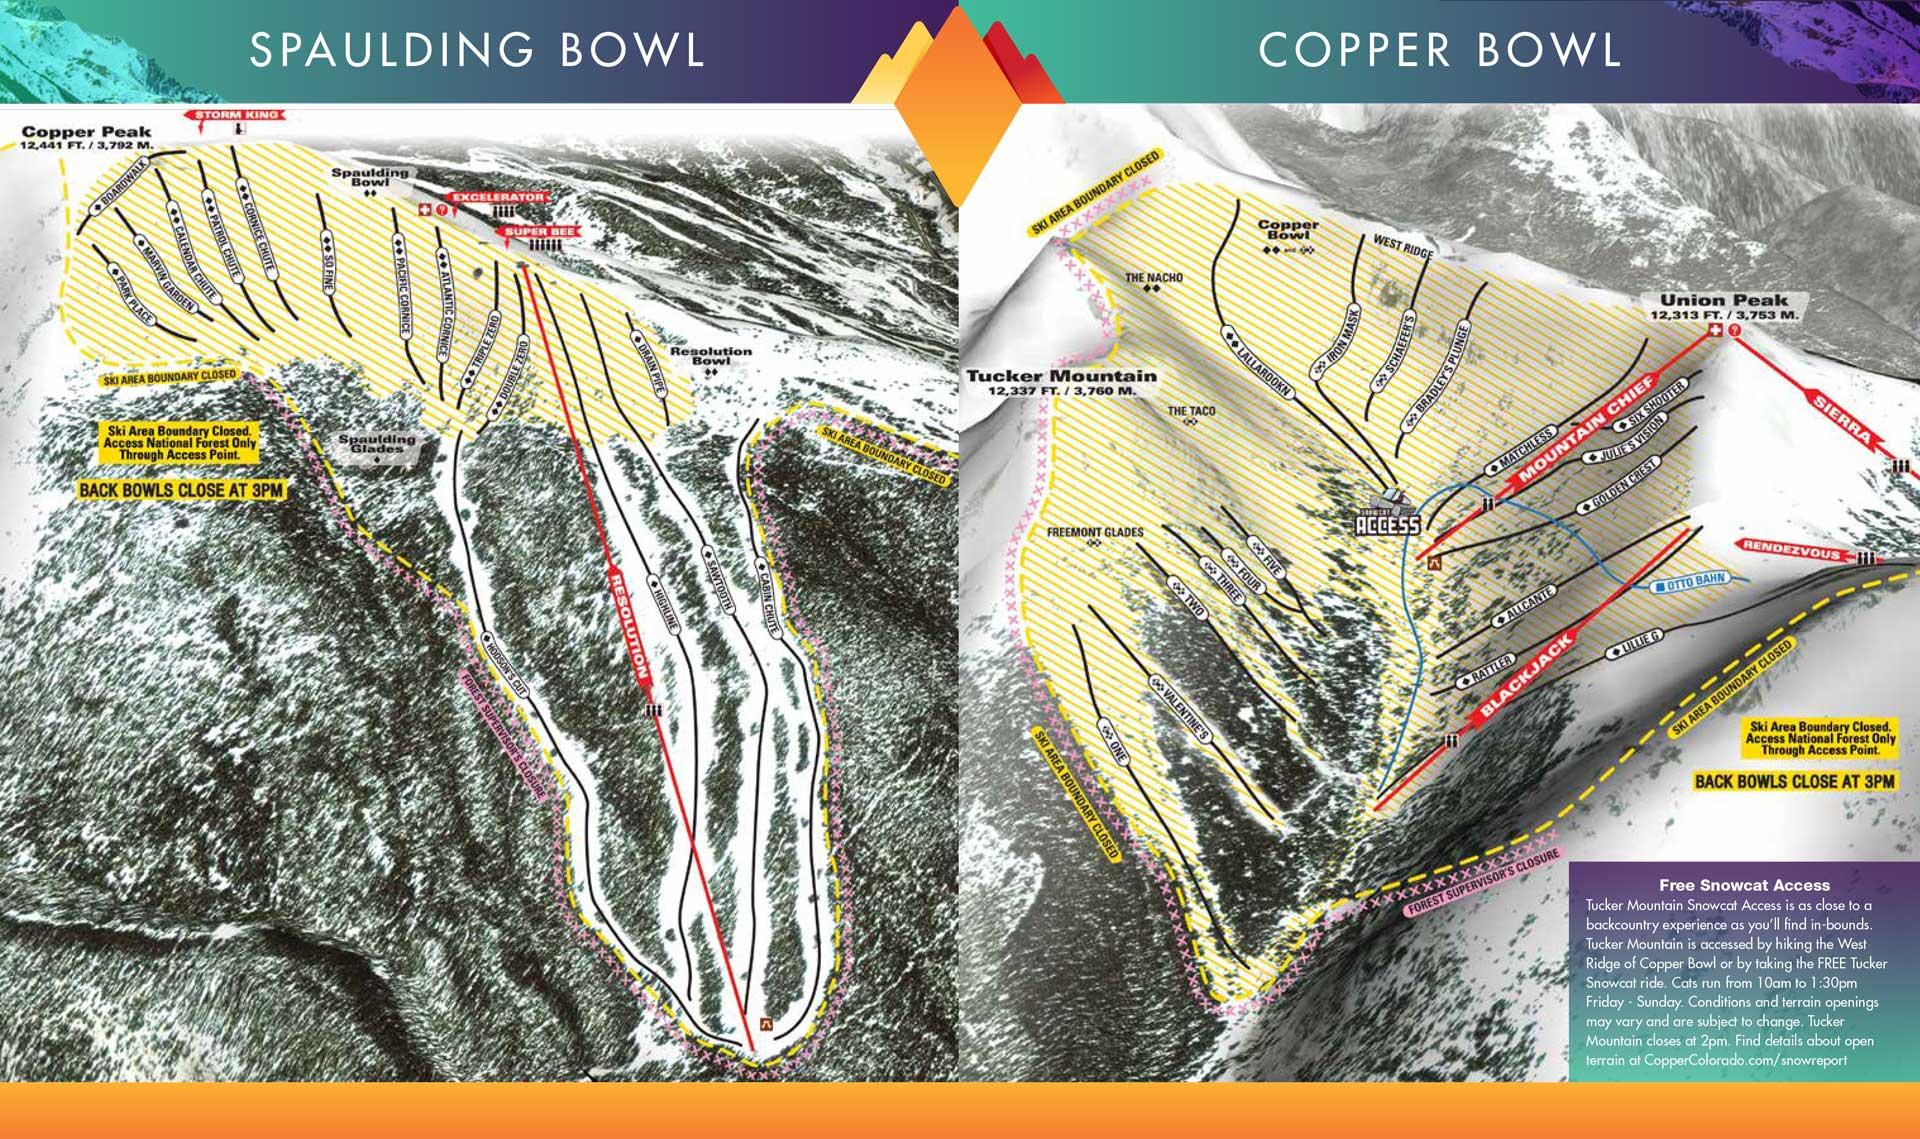 Snowboarding/Skiing - 940 EAST PLATTE